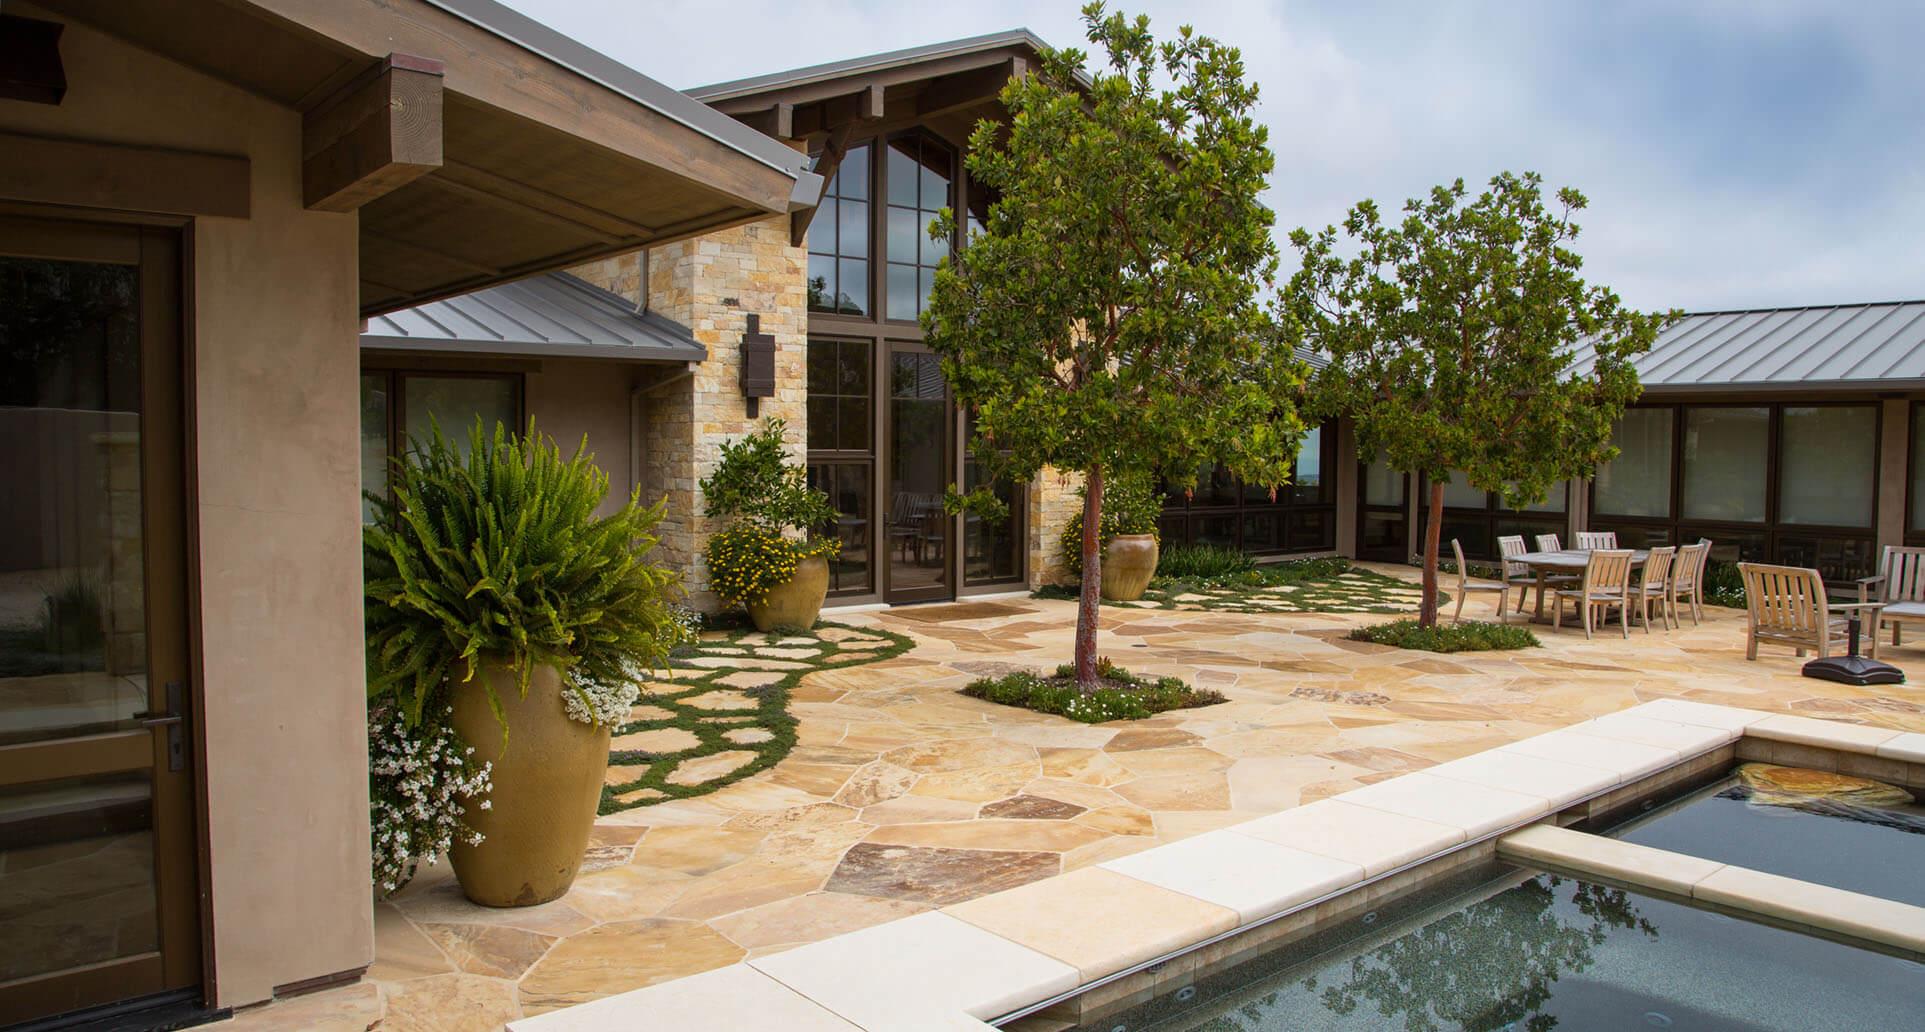 California-Garden-7-Flagstone-Patio-Pool